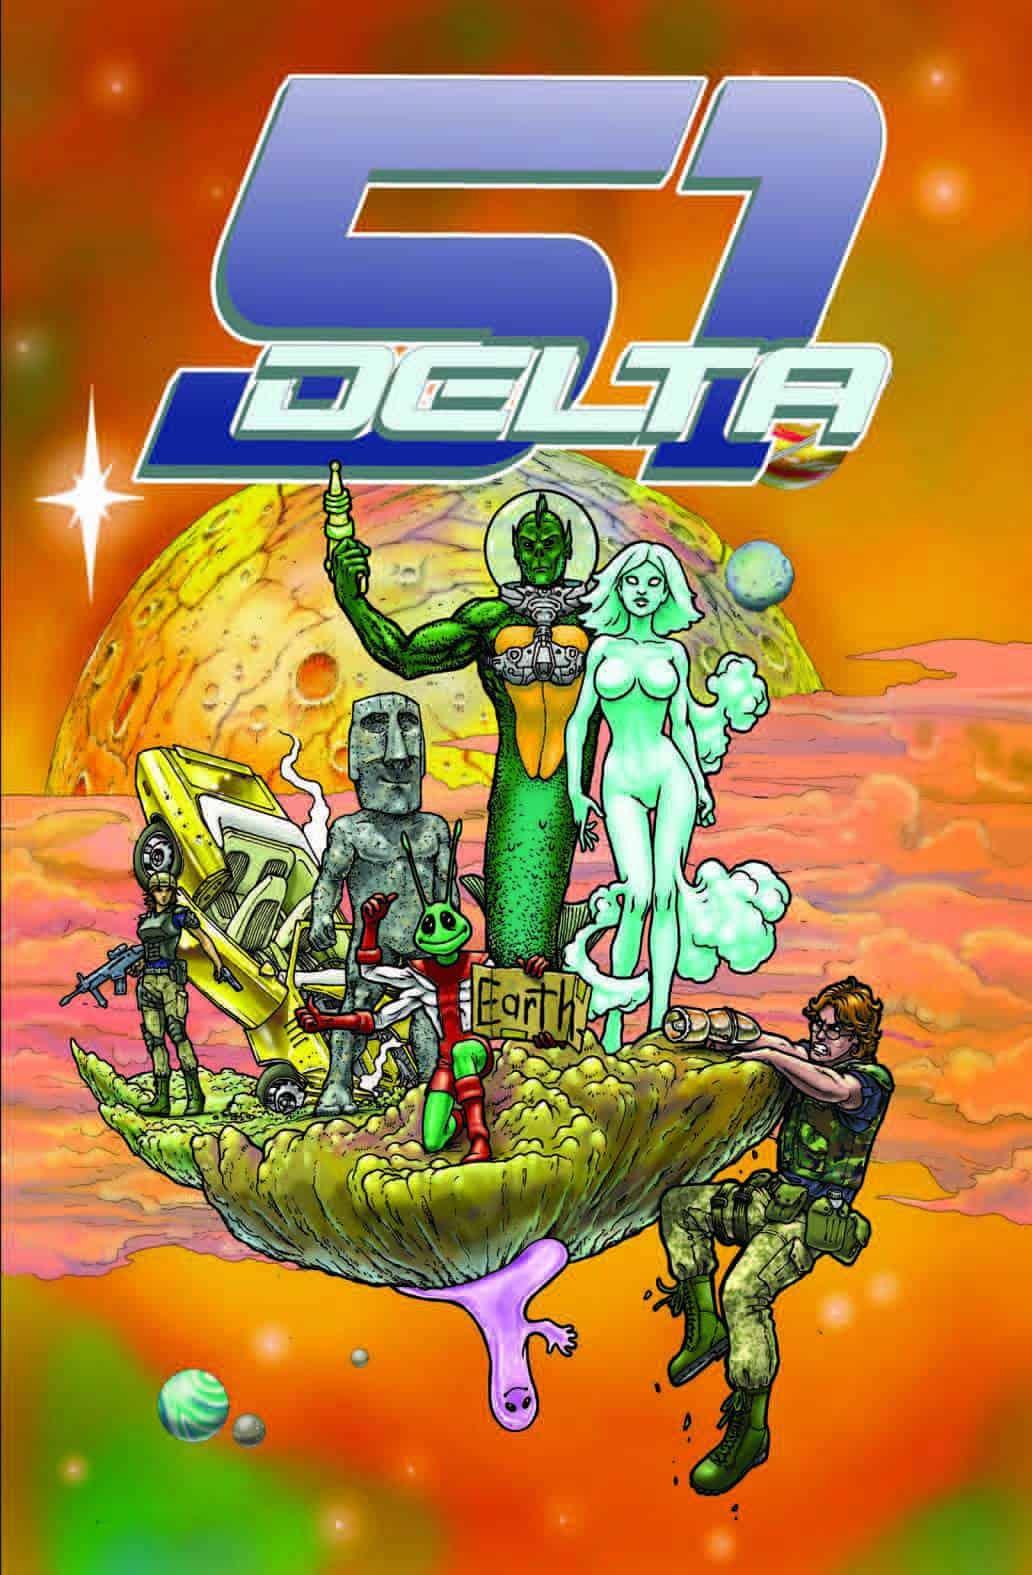 51 Delta 2